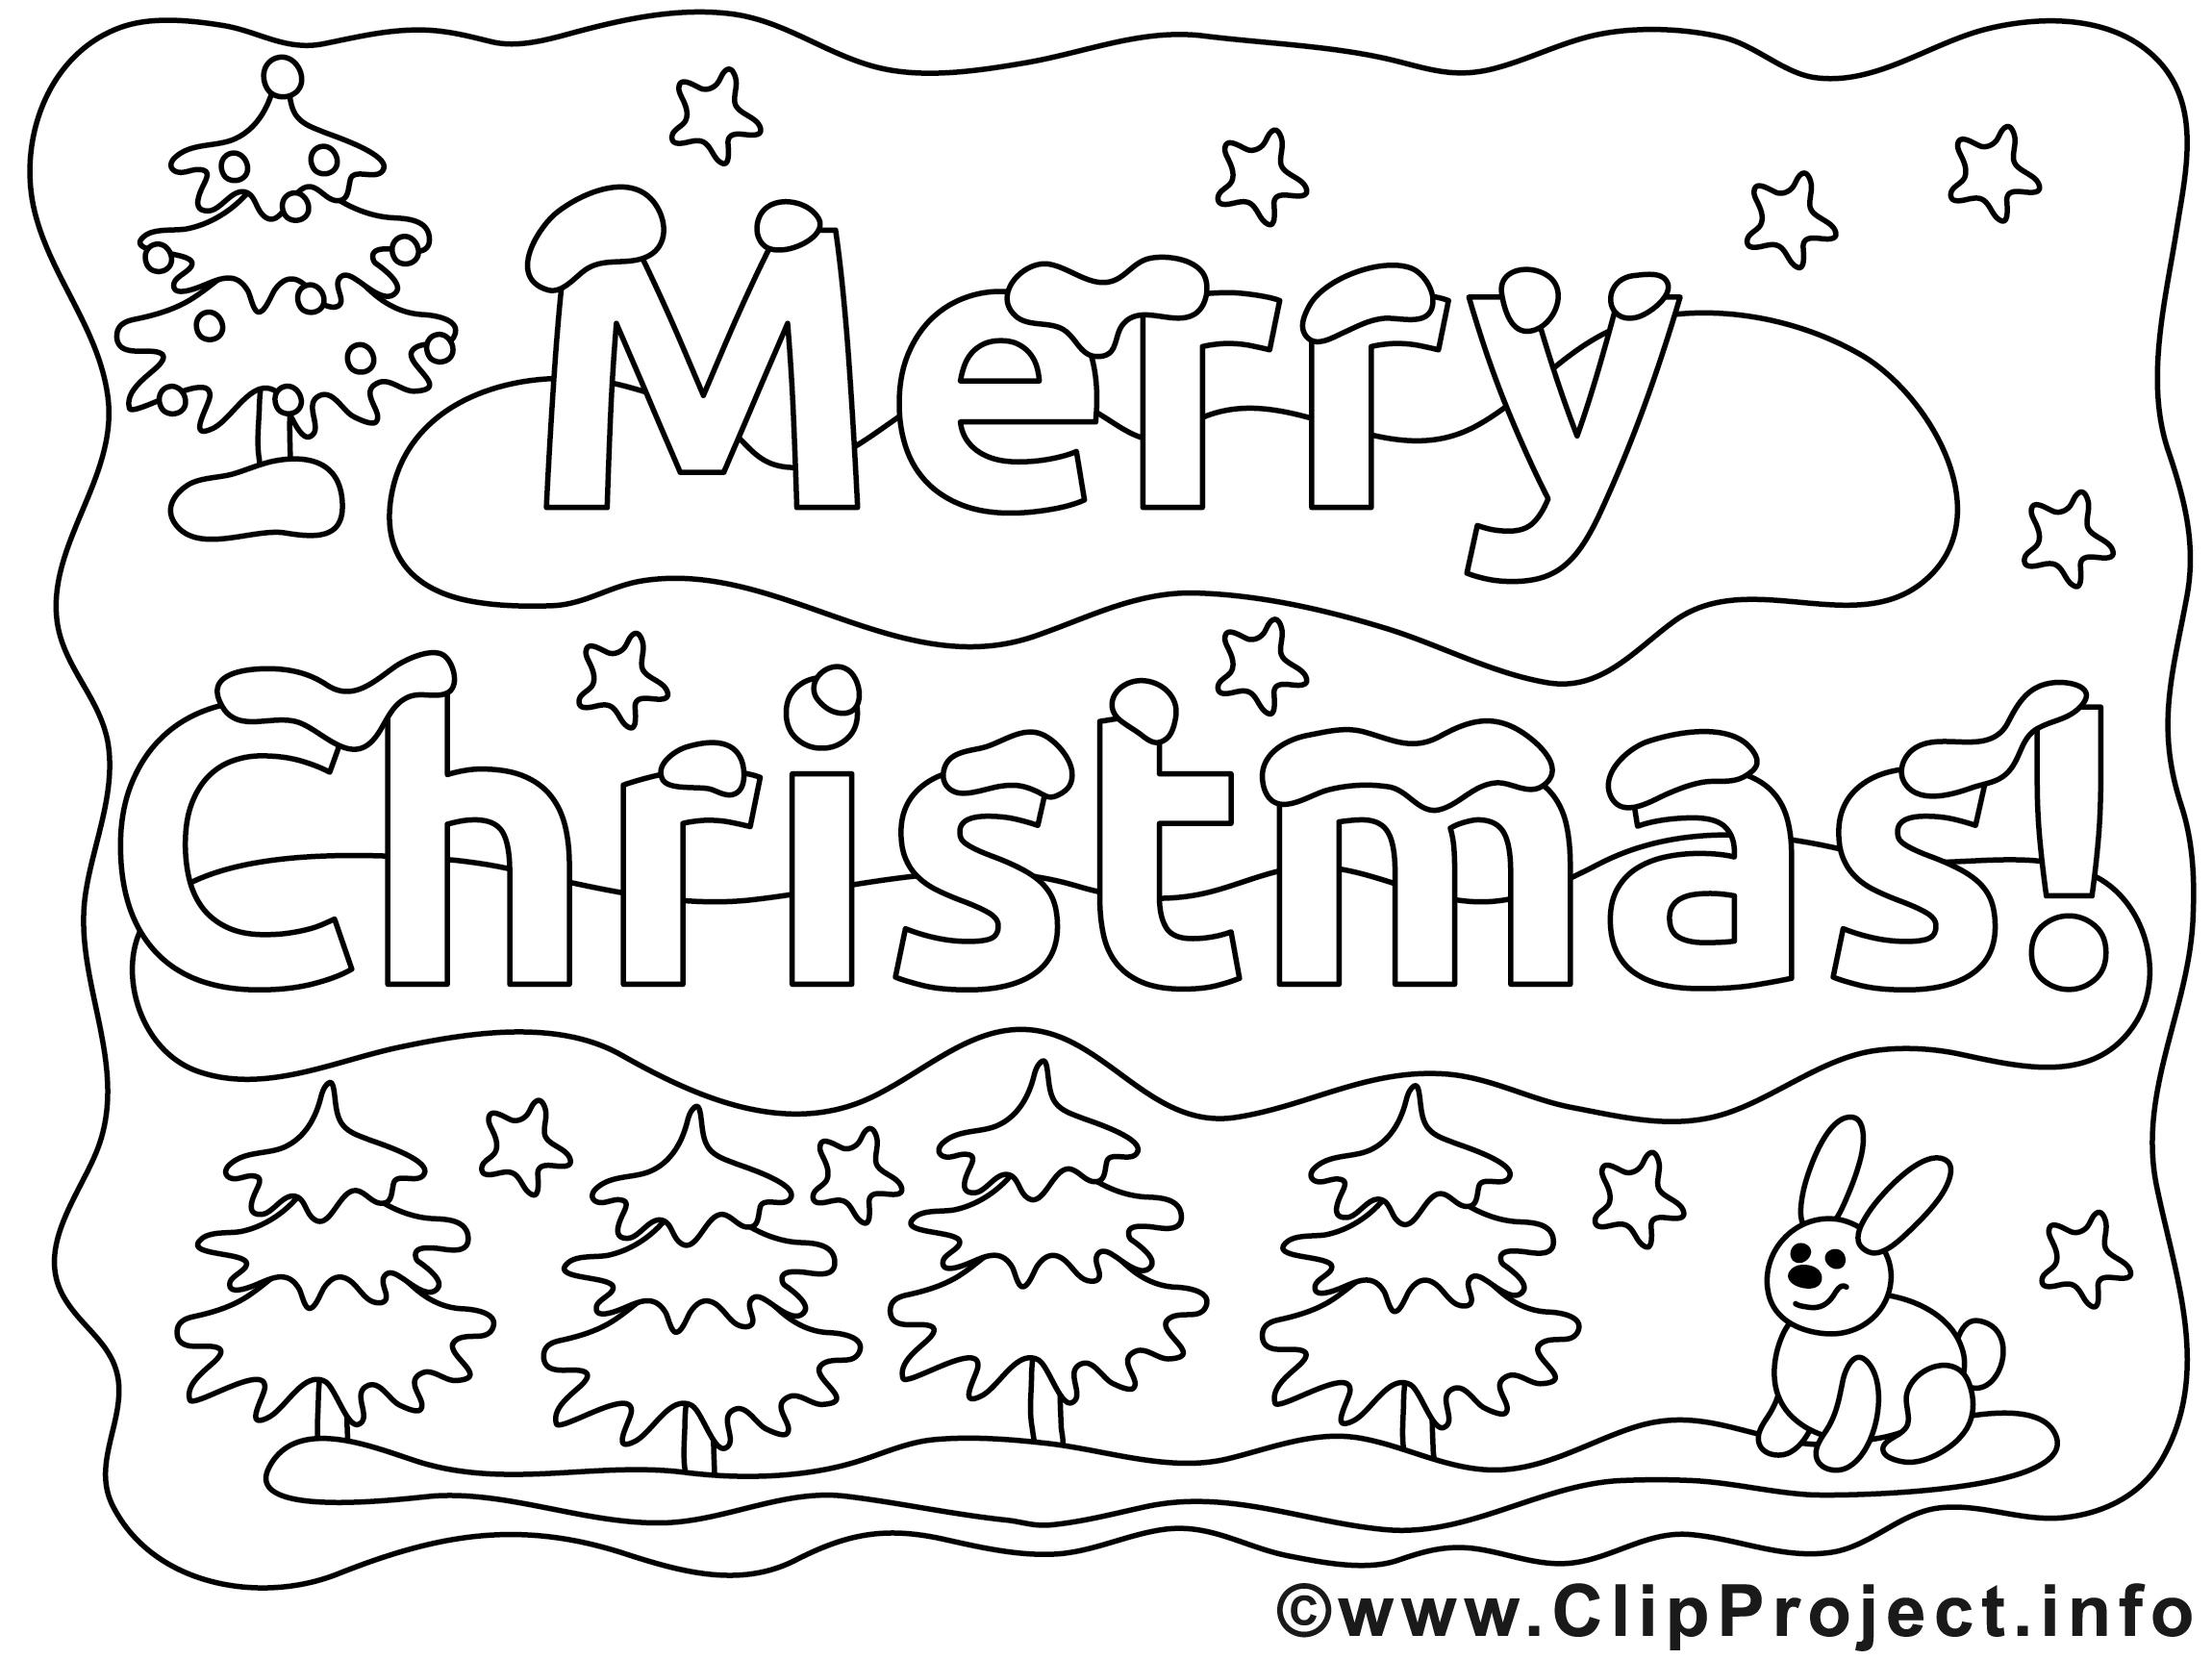 Gratis Malvorlagen Für Weihnachten | Coloring And Malvorlagan mit Gratis Ausmalbilder Weihnachten